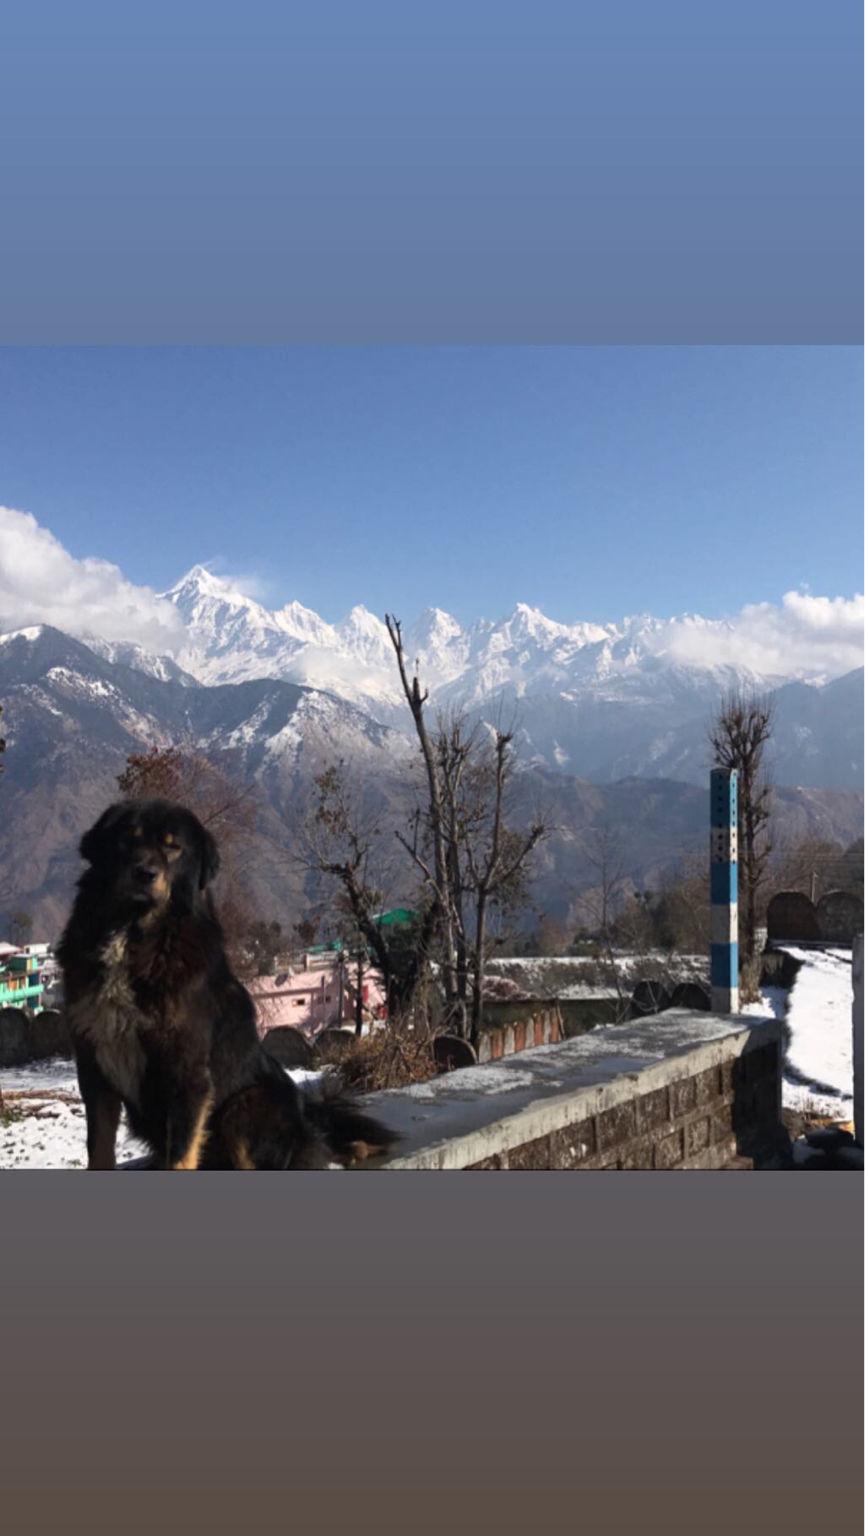 Photo of Winter Trip To Munsiyari, Uttarakhand By Nityananda Mukherjee